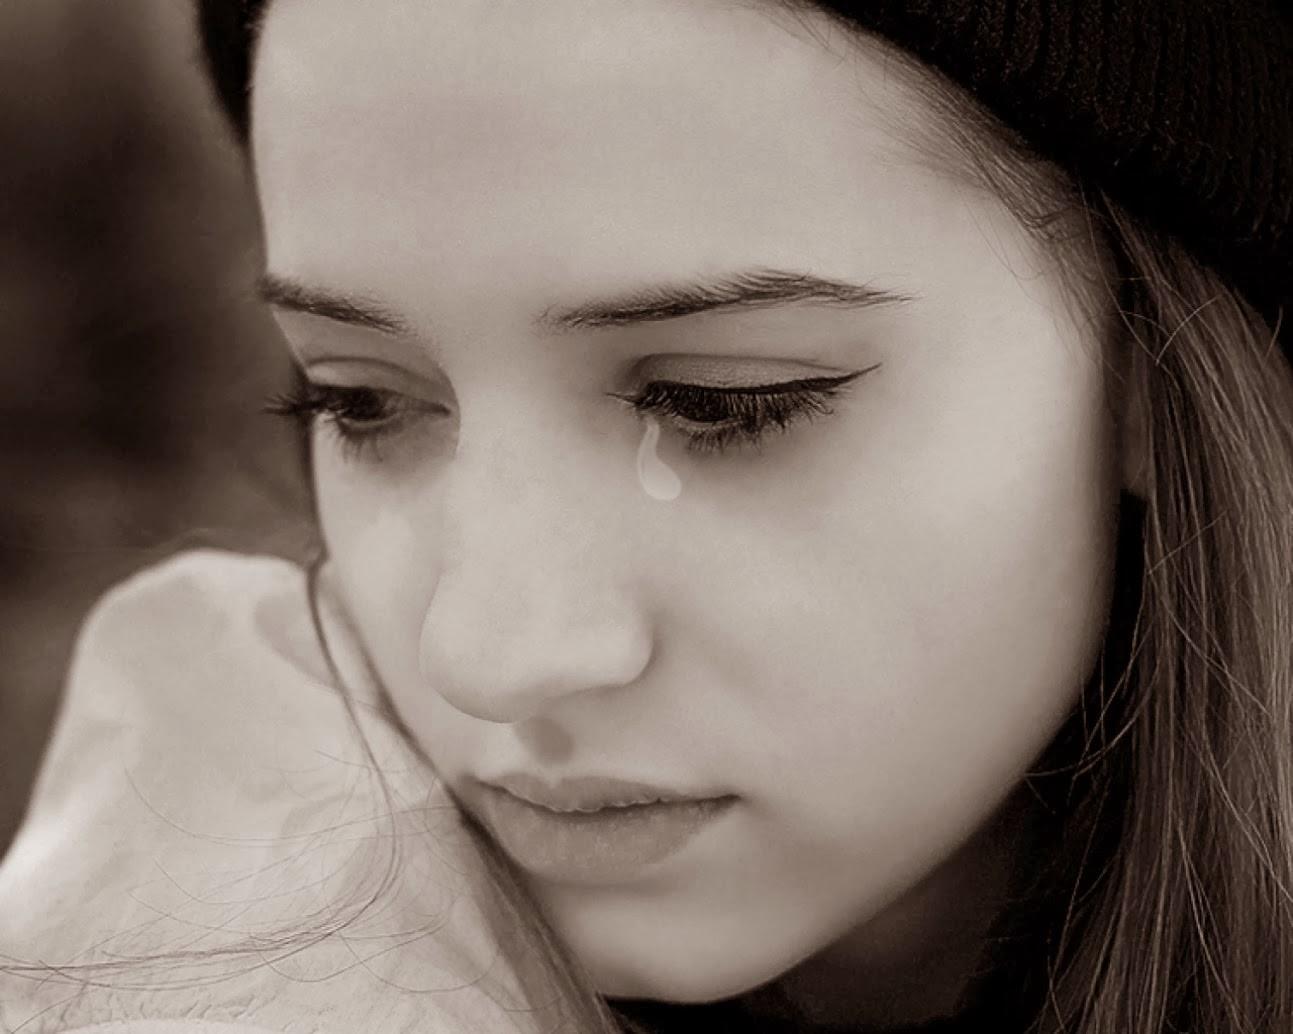 بالصور صور فيس حزن , اكتر صور حزن على الفيس 11621 6